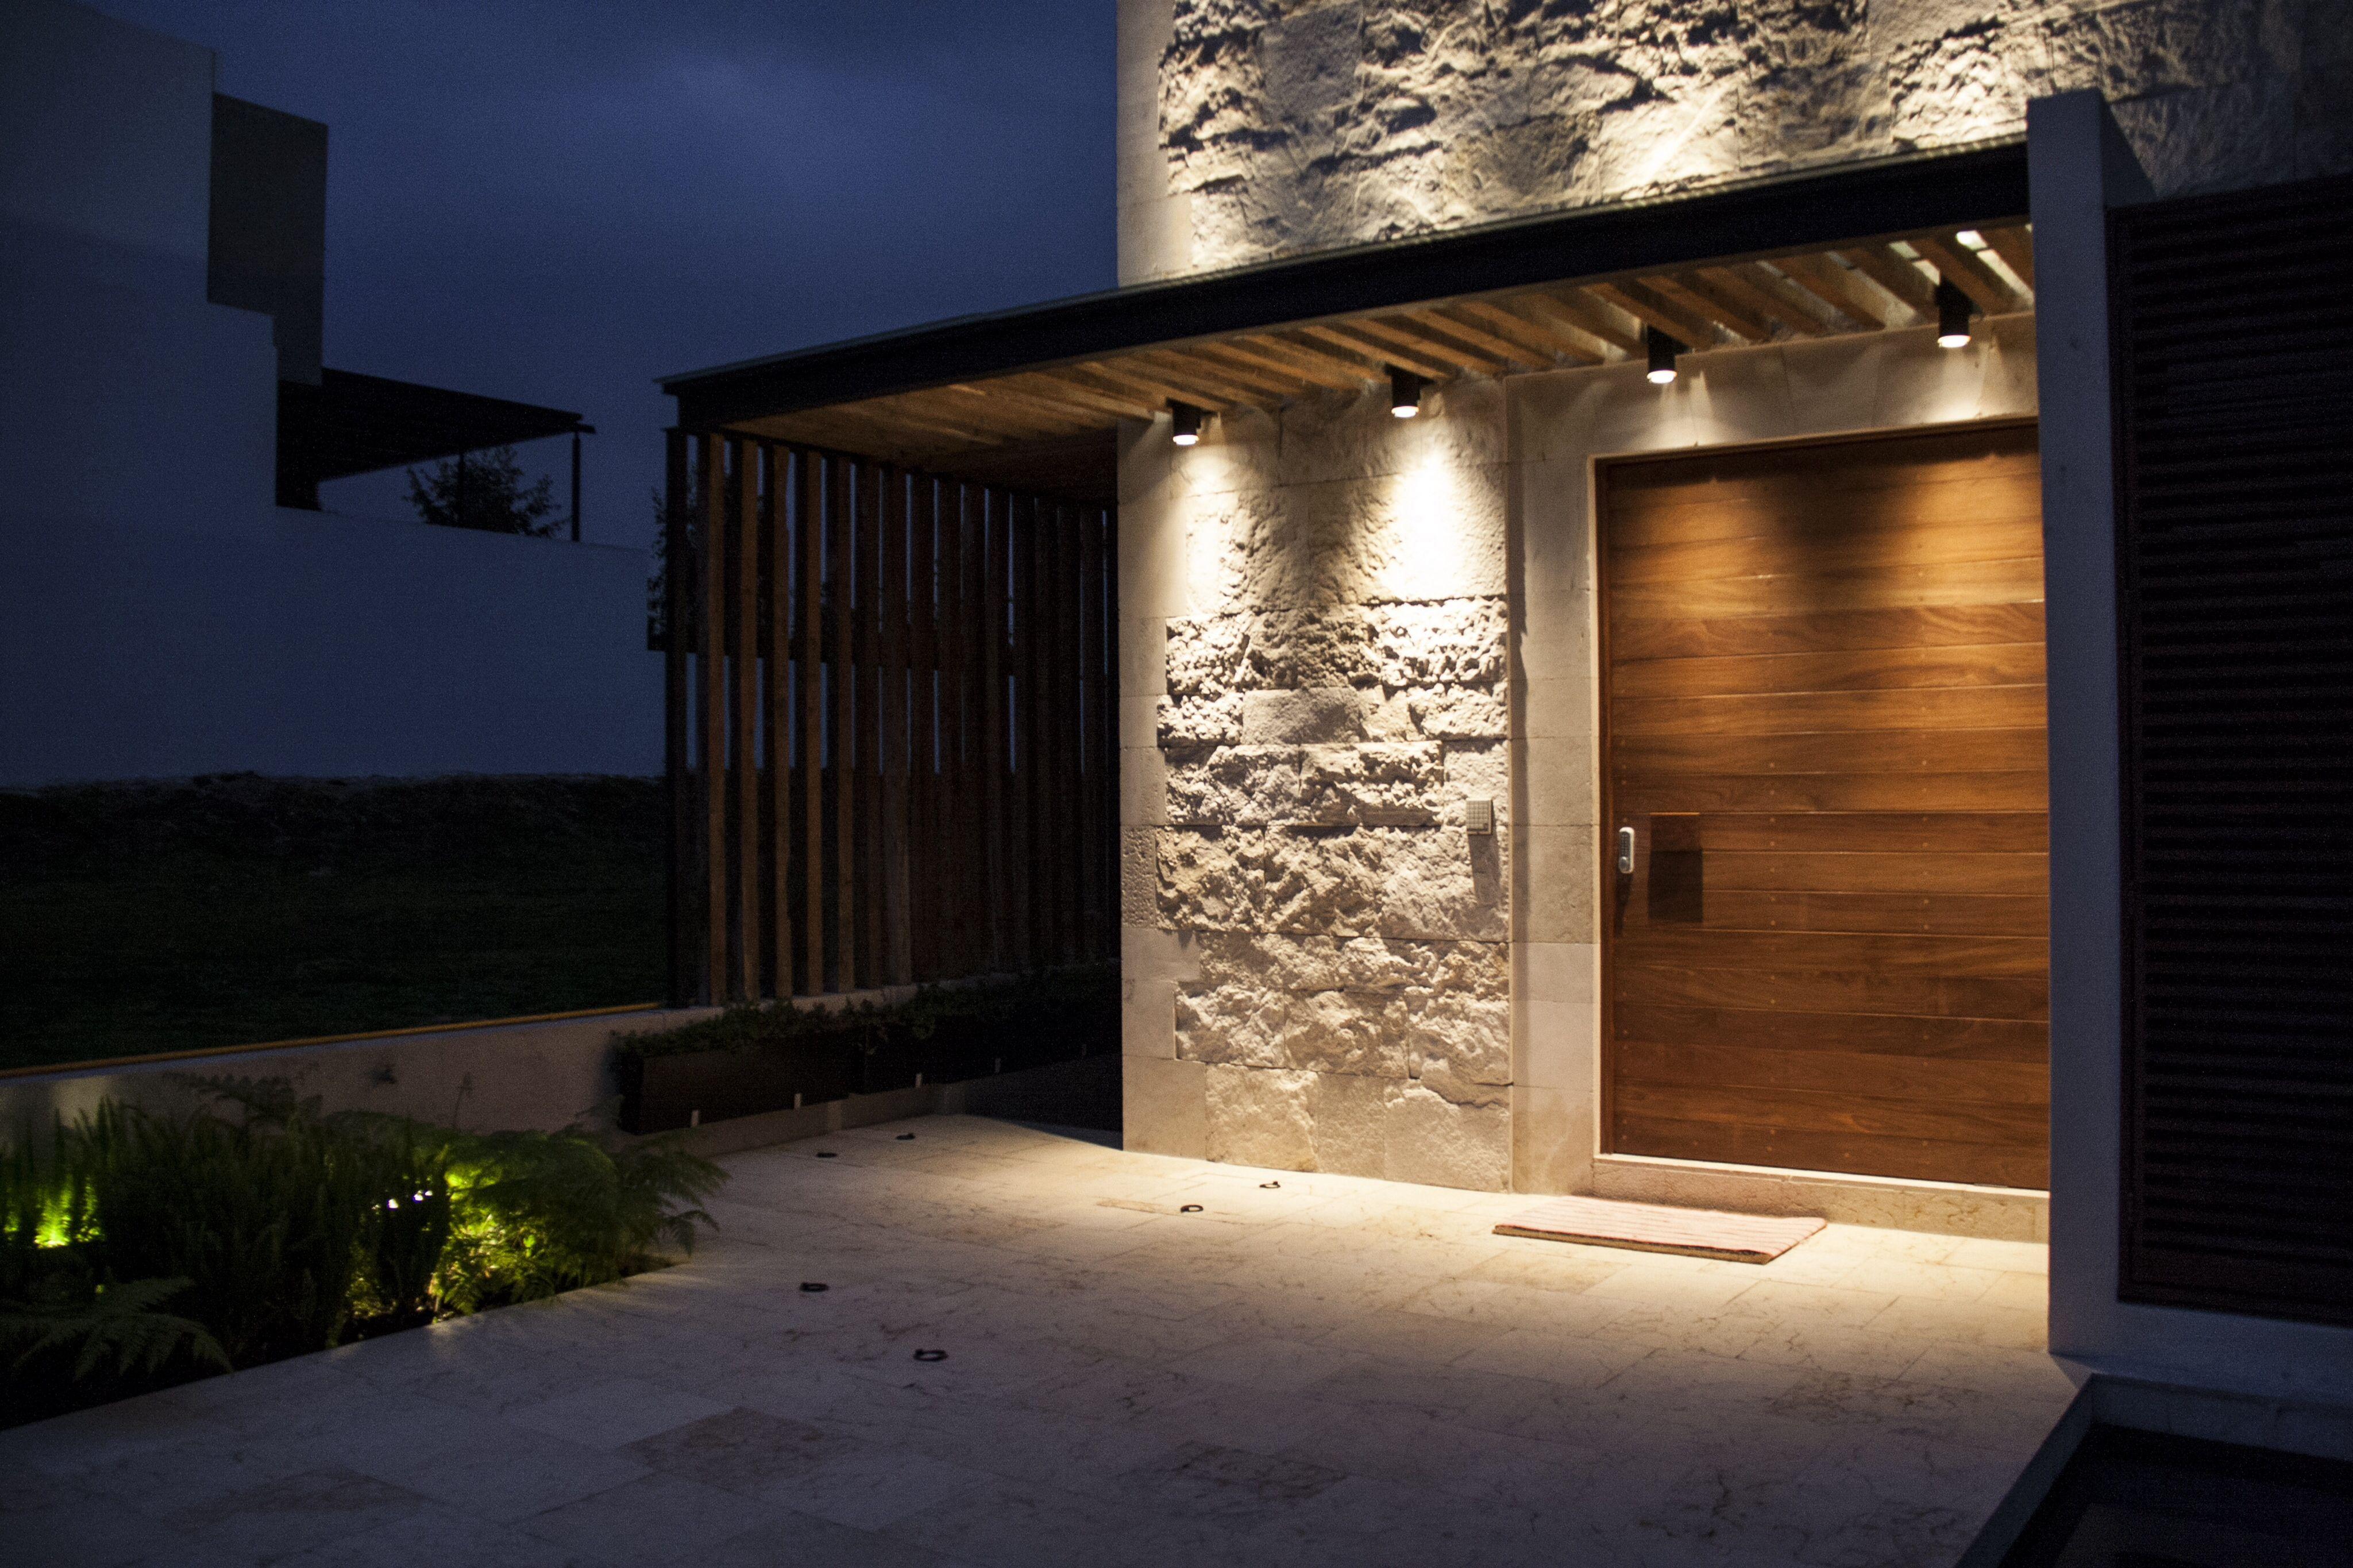 Casa ss fachada muros de piedra iluminaci n - Lamparas para pasillos casa ...